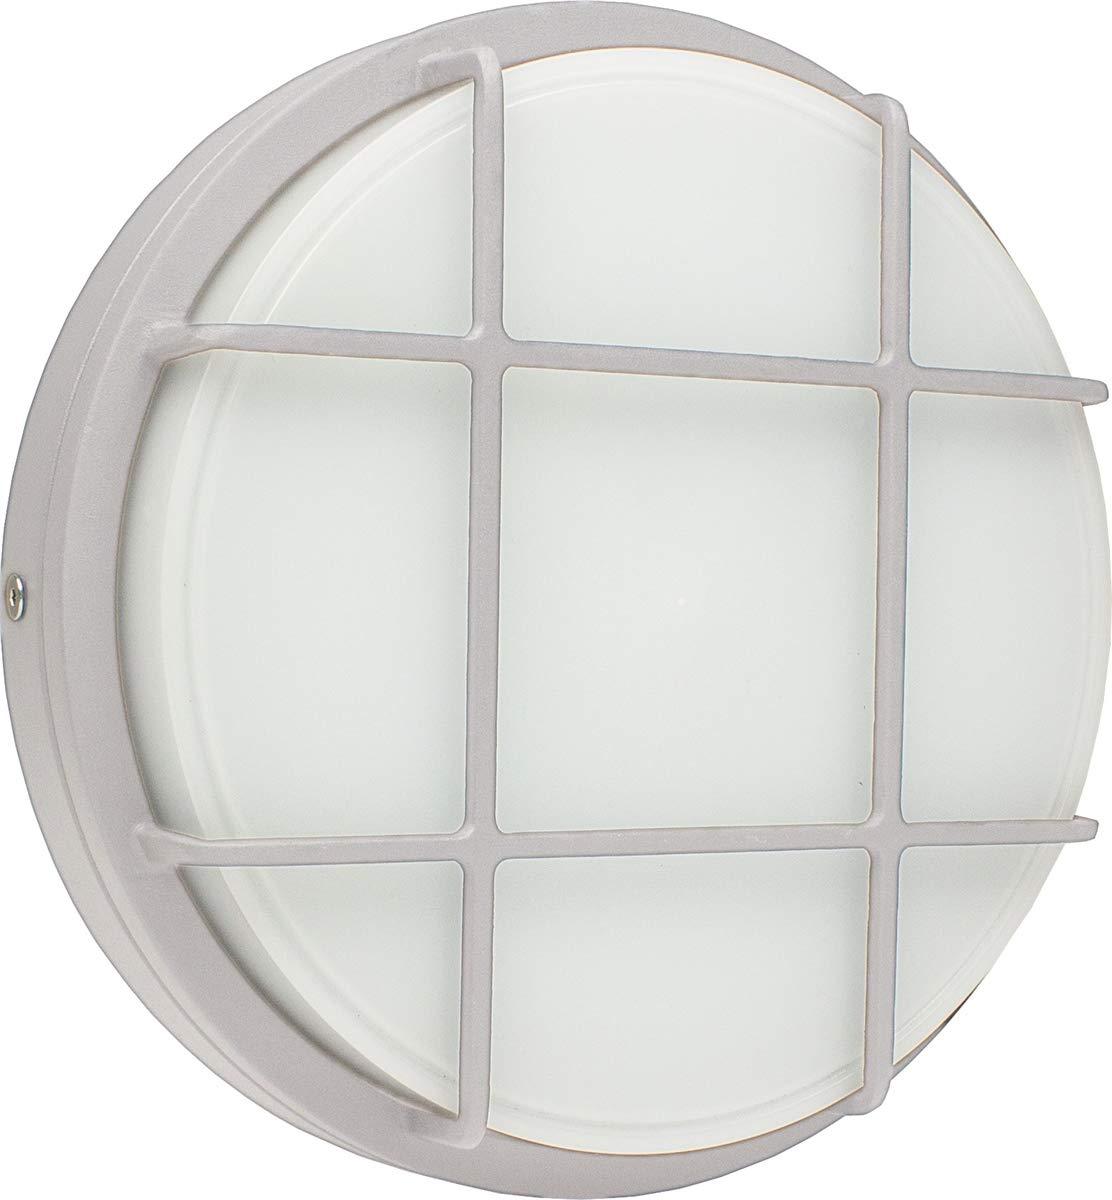 As-Schwabe 56730 LED Arbeitsleuchte Rund-Leuchte 20W weiß 1680Lm NEU